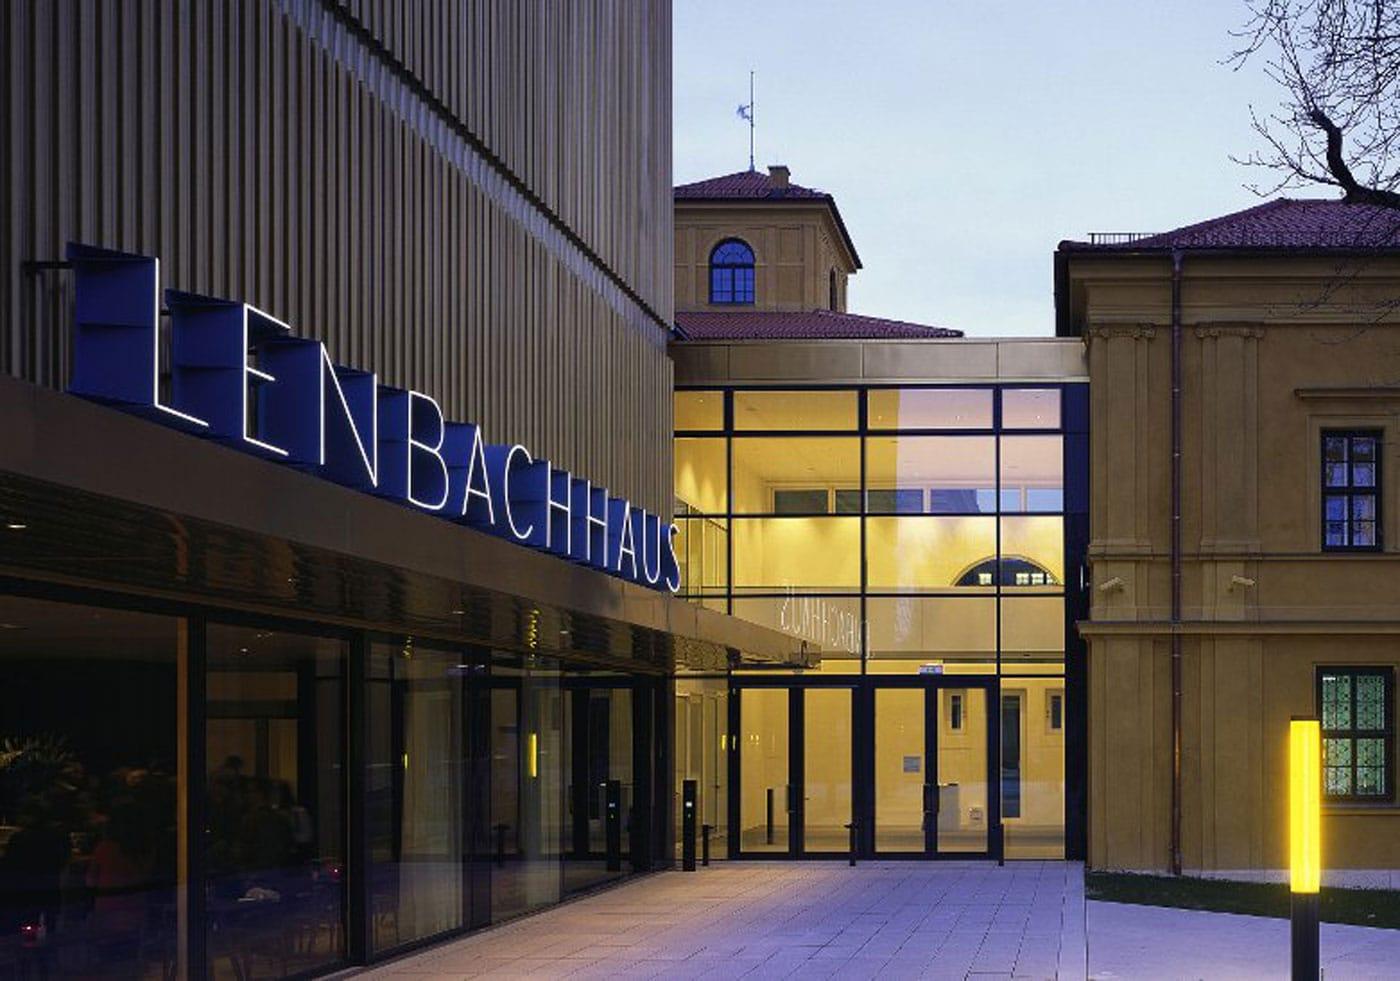 Was kann man an Wochenende unternehmen? Tipps für Familien in München, Kunst mit Kindern besichtigen: Lenbachhaus // HIMBEER